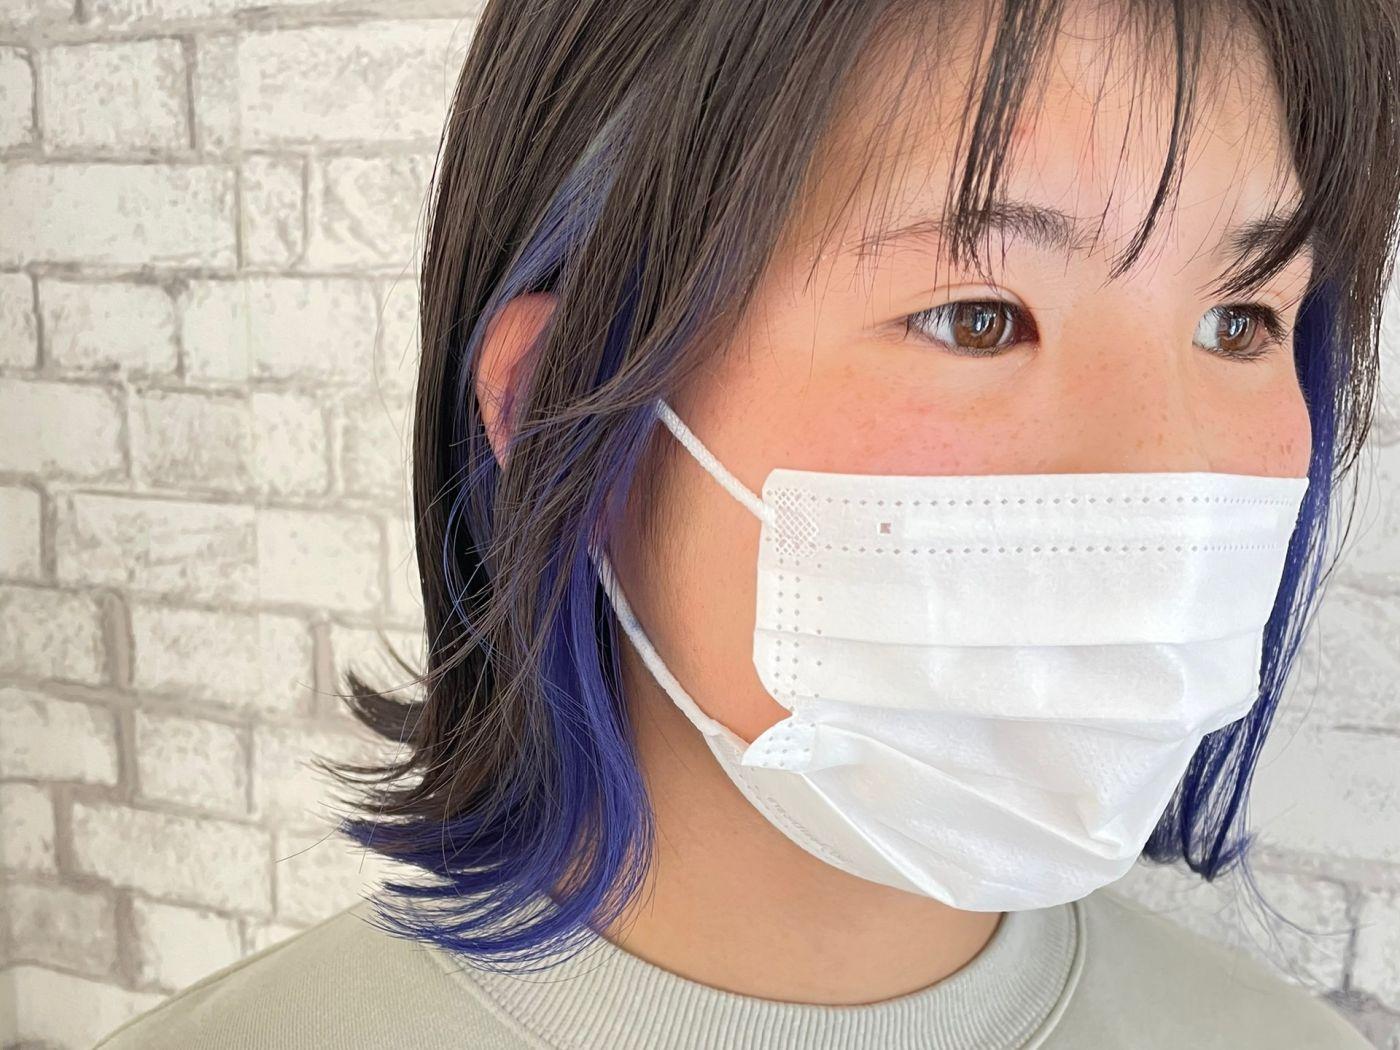 暗めカラーにブルーがかわいいイヤリングカラー